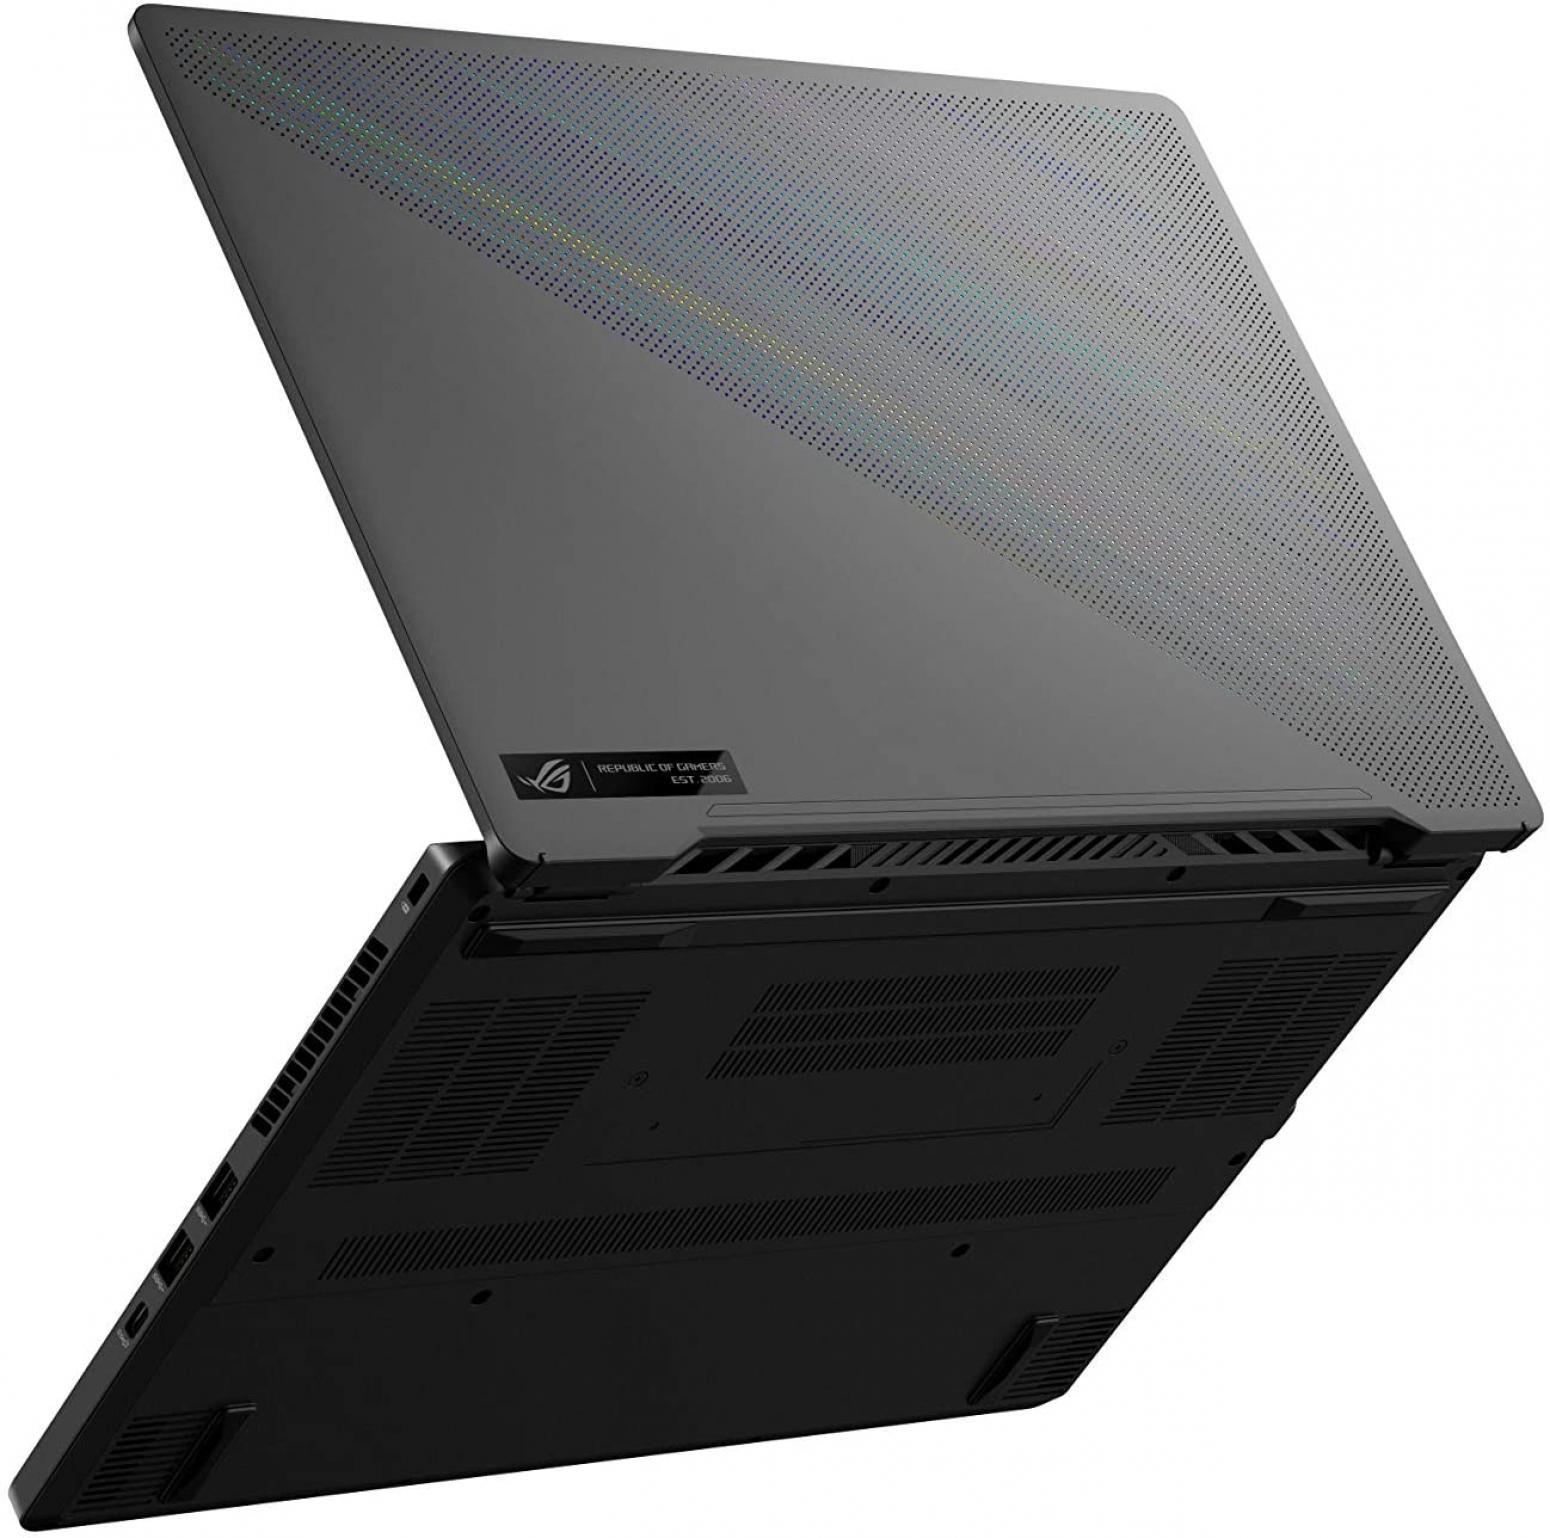 Image du PC portable Asus ROG Zephyrus G14 GA401QM-HZ235T Gris - 144Hz, Ryzen 9, RTX 3060